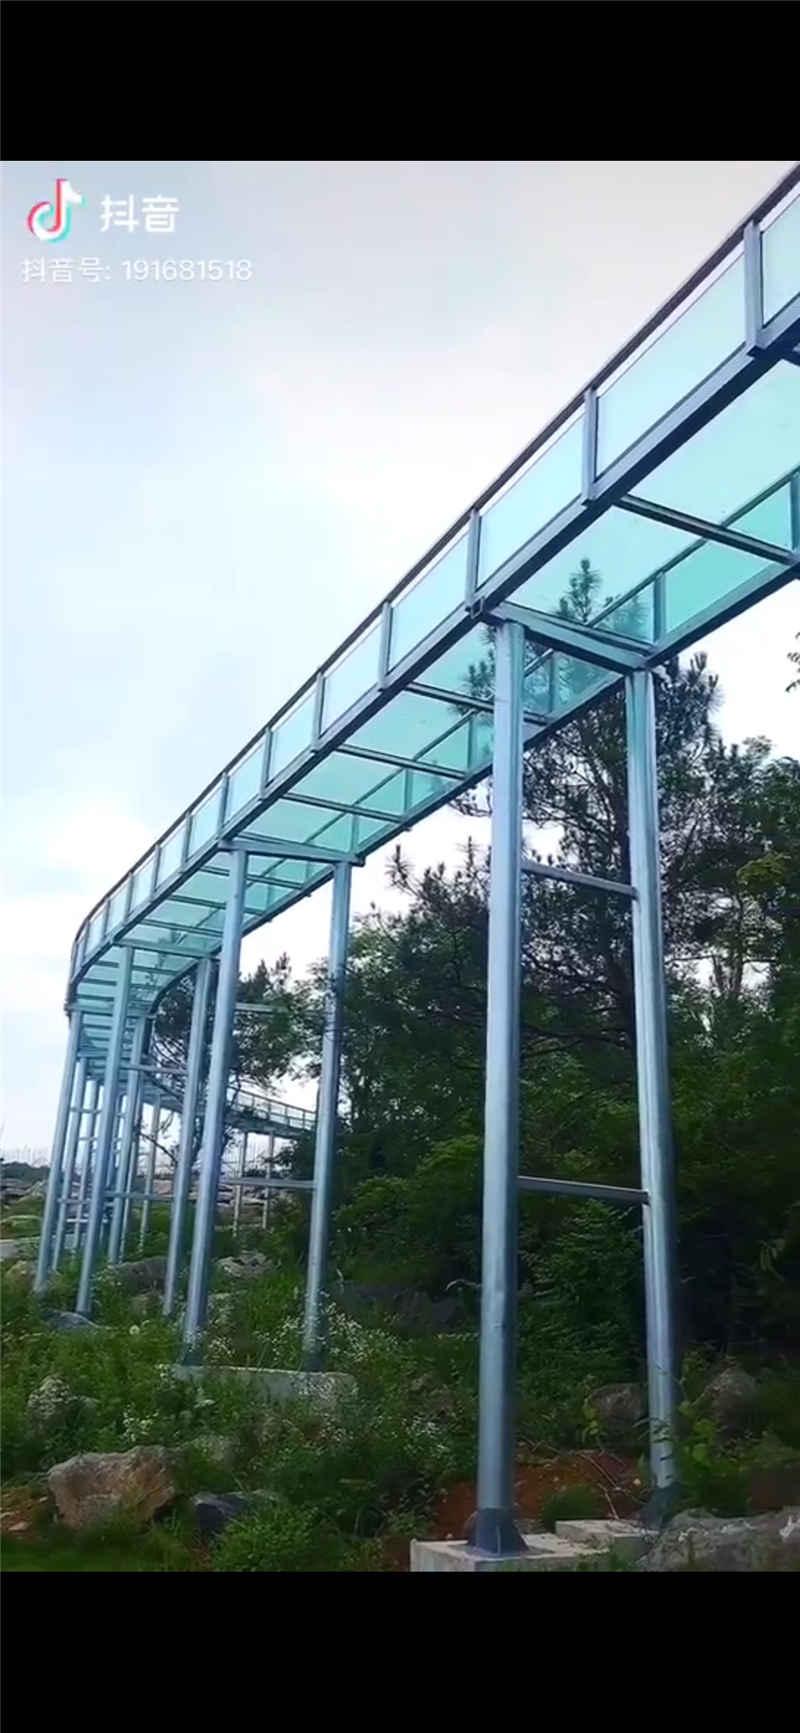 圣境花谷玻璃棧道